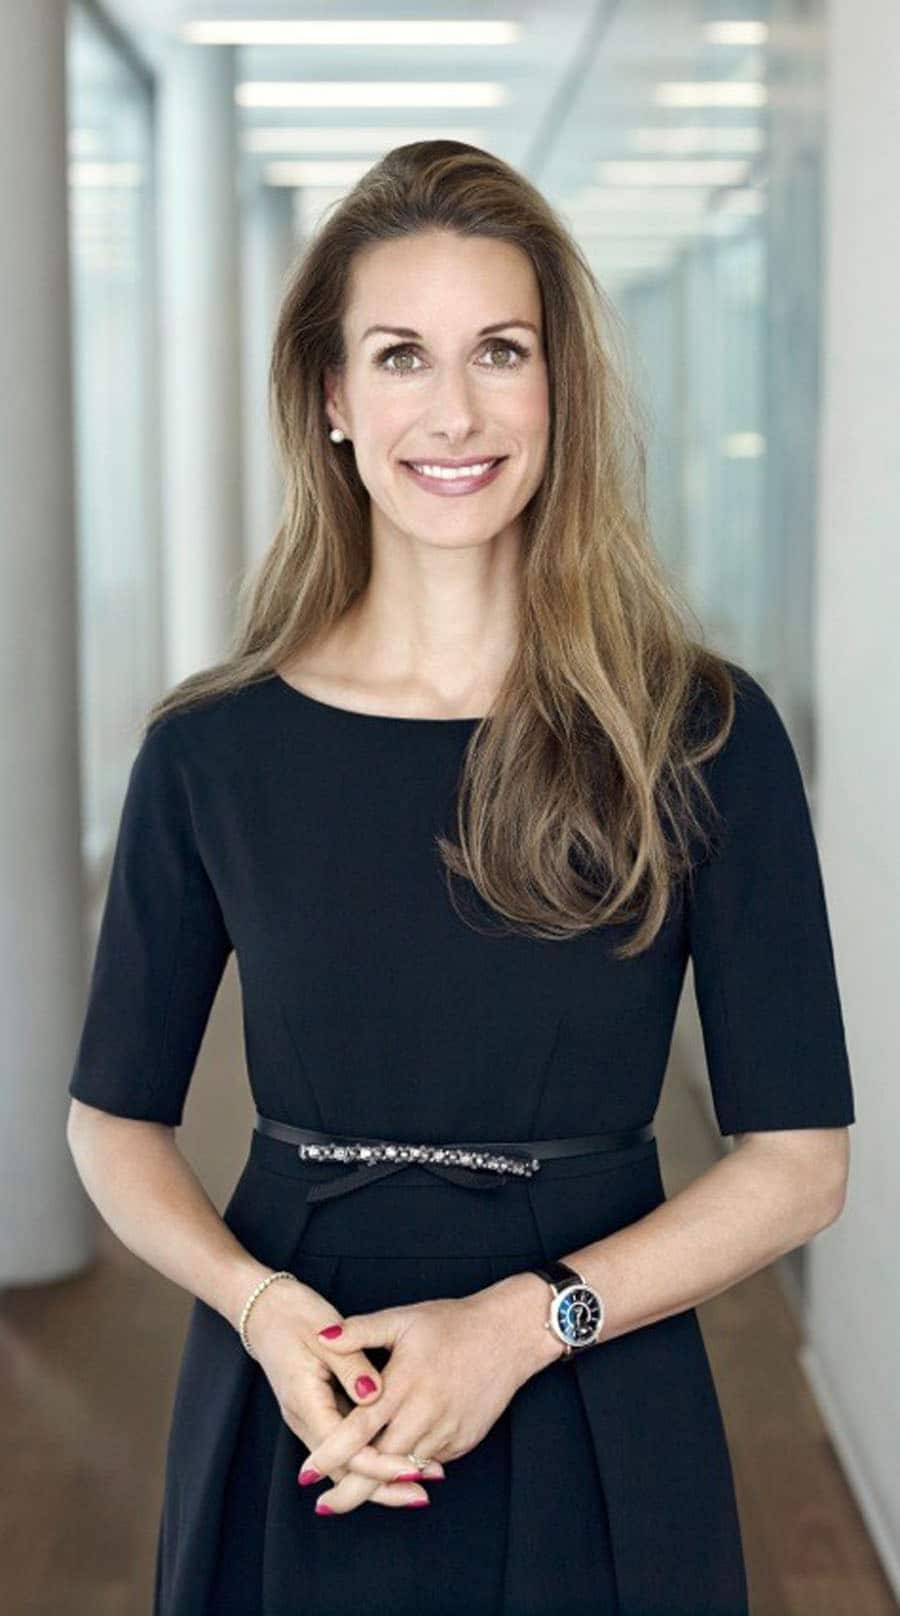 IWC Chief Marketing Officer Franziska Gsell Etterlin im Interview mit Watchtime.net